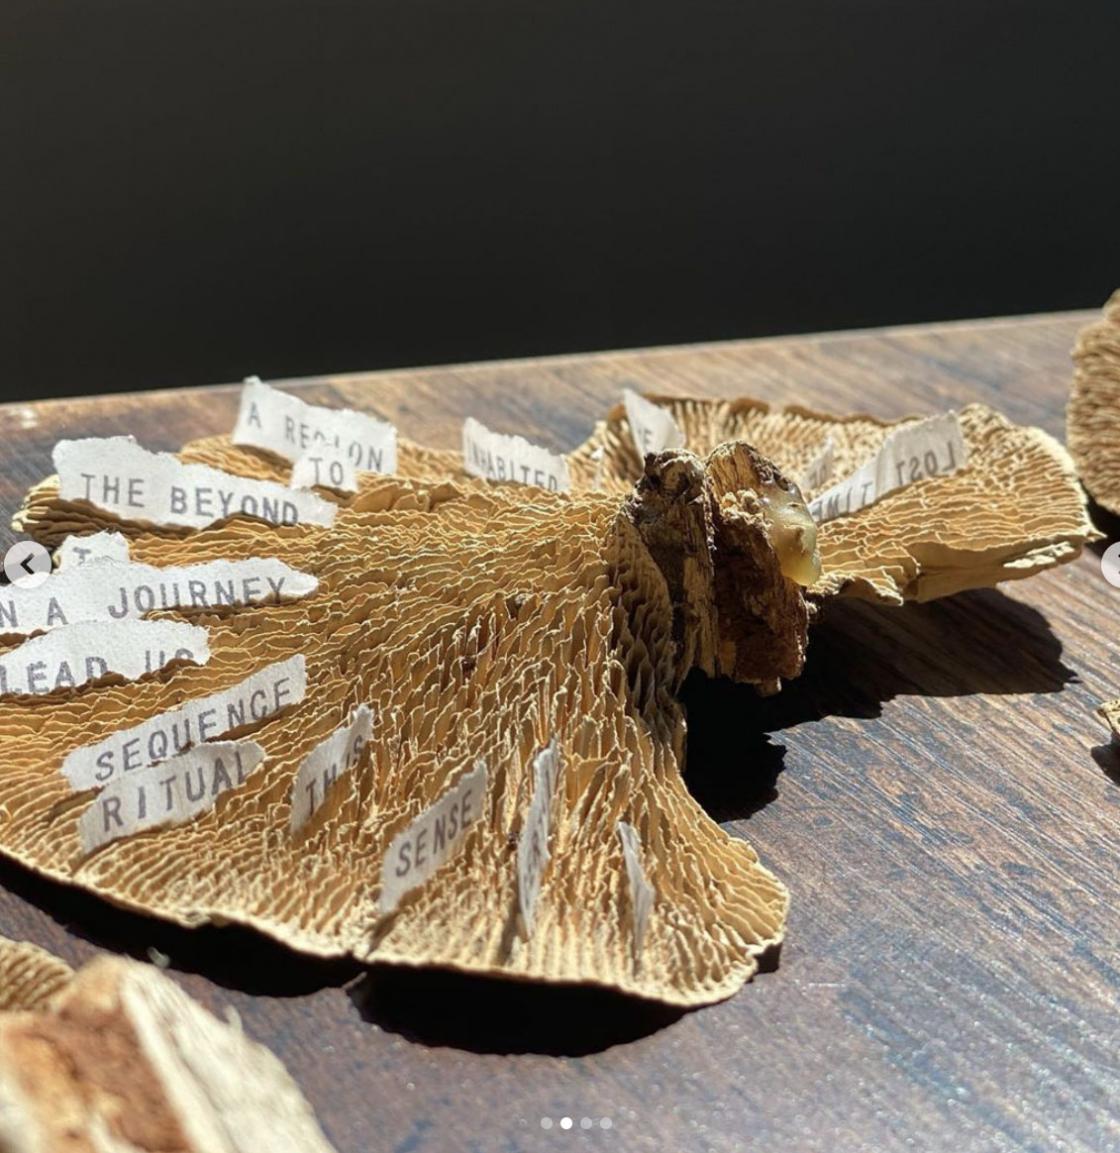 Mushroom art installation by Nung-hsin Hu